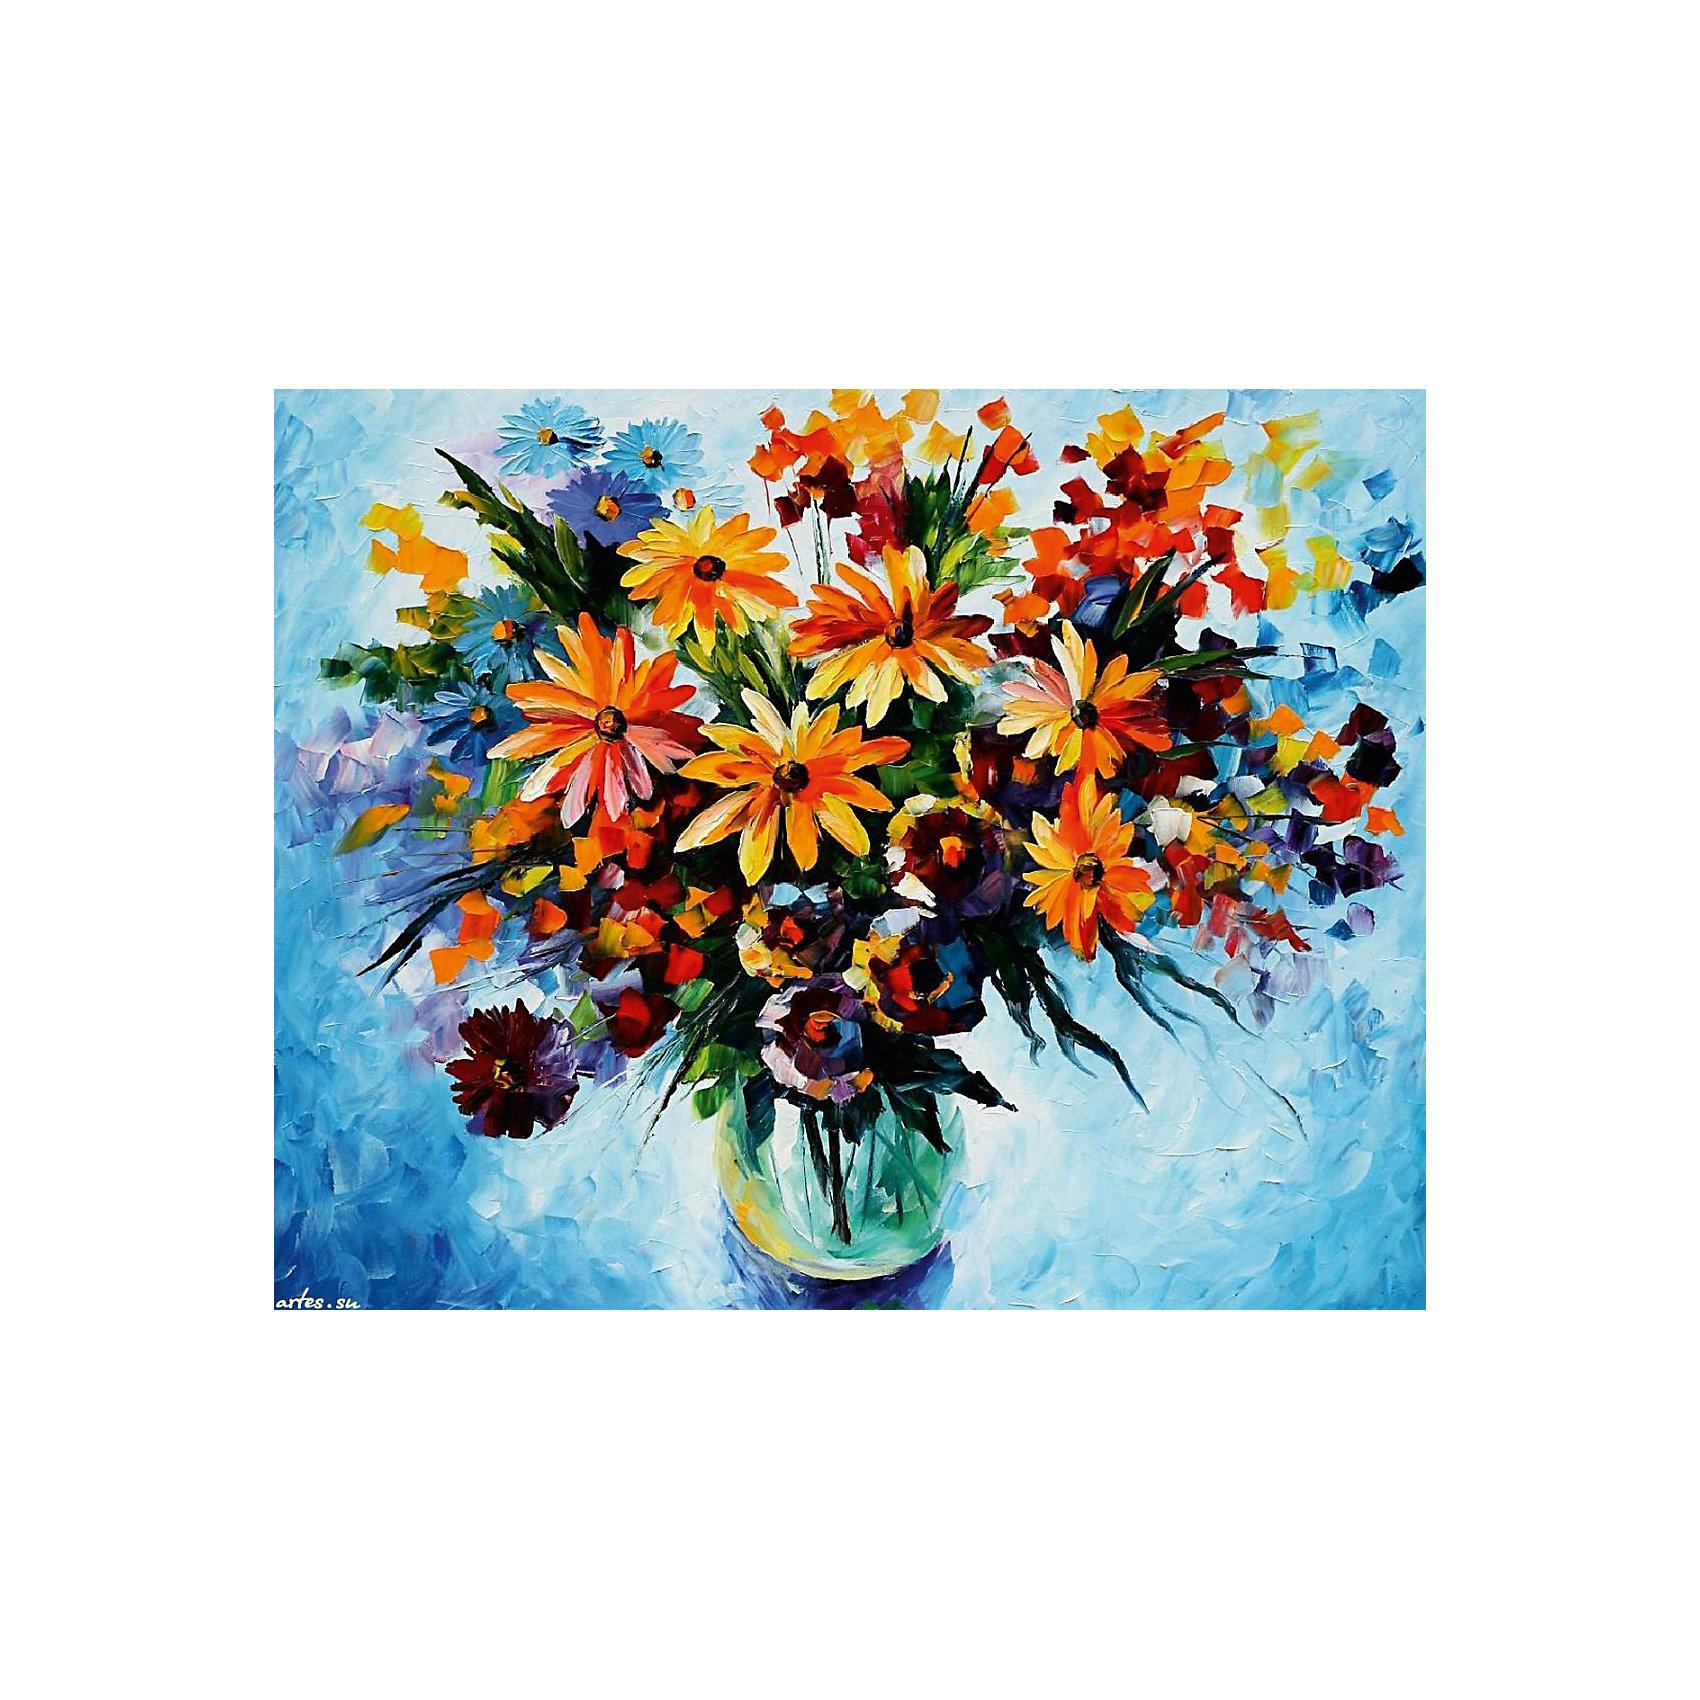 Живопись на холсте 30*40 см Разноцветные ромашкиРисование<br>Характеристики товара:<br><br>• цвет: разноцветный<br>• материал: акрил, картон<br>• размер: 30 x 40 см<br>• комплектация: полотно на подрамнике с контурами рисунка, пробный лист с рисунком, набор акриловых красок, три кисти, крепление на стену для картины<br>• для детей от шести лет и взрослых<br>• не требует специальных навыков<br>• страна бренда: Китай<br>• страна изготовитель: Китай<br><br>Как с удовольствием и пользой провести время? Порисовать! Это занятие, которое любят многие дети и взрослые. Рисование помогает развить важные навыки и просто приносит удовольствие! Чтобы вселить в ребенка уверенность в своих силах, можно предложить ему этот набор - в нем уже есть сюжет, контуры рисунка и участки с номерами, которые обозначают определенную краску из набора. Все оттенки уже готовы, задача художника - аккуратно, с помощью кисточек из набора, нанести краски на определенный участок полотна.<br>Взрослым также понравится этот процесс, рисовать можно и вместе с малышом! В итоге получается красивая картина, которой можно украсить интерьер. Рисование способствует развитию мелкой моторики, воображения, цветовосприятия, творческих способностей и усидчивости. Набор отлично проработан, сделан из качественных и проверенных материалов, которые безопасны для детей. Краски - акриловые, они быстро сохнут и легко смываются с кожи.<br><br>Живопись на холсте 30*40 см Разноцветные ромашки от торговой марки Белоснежка можно купить в нашем интернет-магазине.<br><br>Ширина мм: 410<br>Глубина мм: 310<br>Высота мм: 25<br>Вес г: 567<br>Возраст от месяцев: 72<br>Возраст до месяцев: 144<br>Пол: Унисекс<br>Возраст: Детский<br>SKU: 5089633